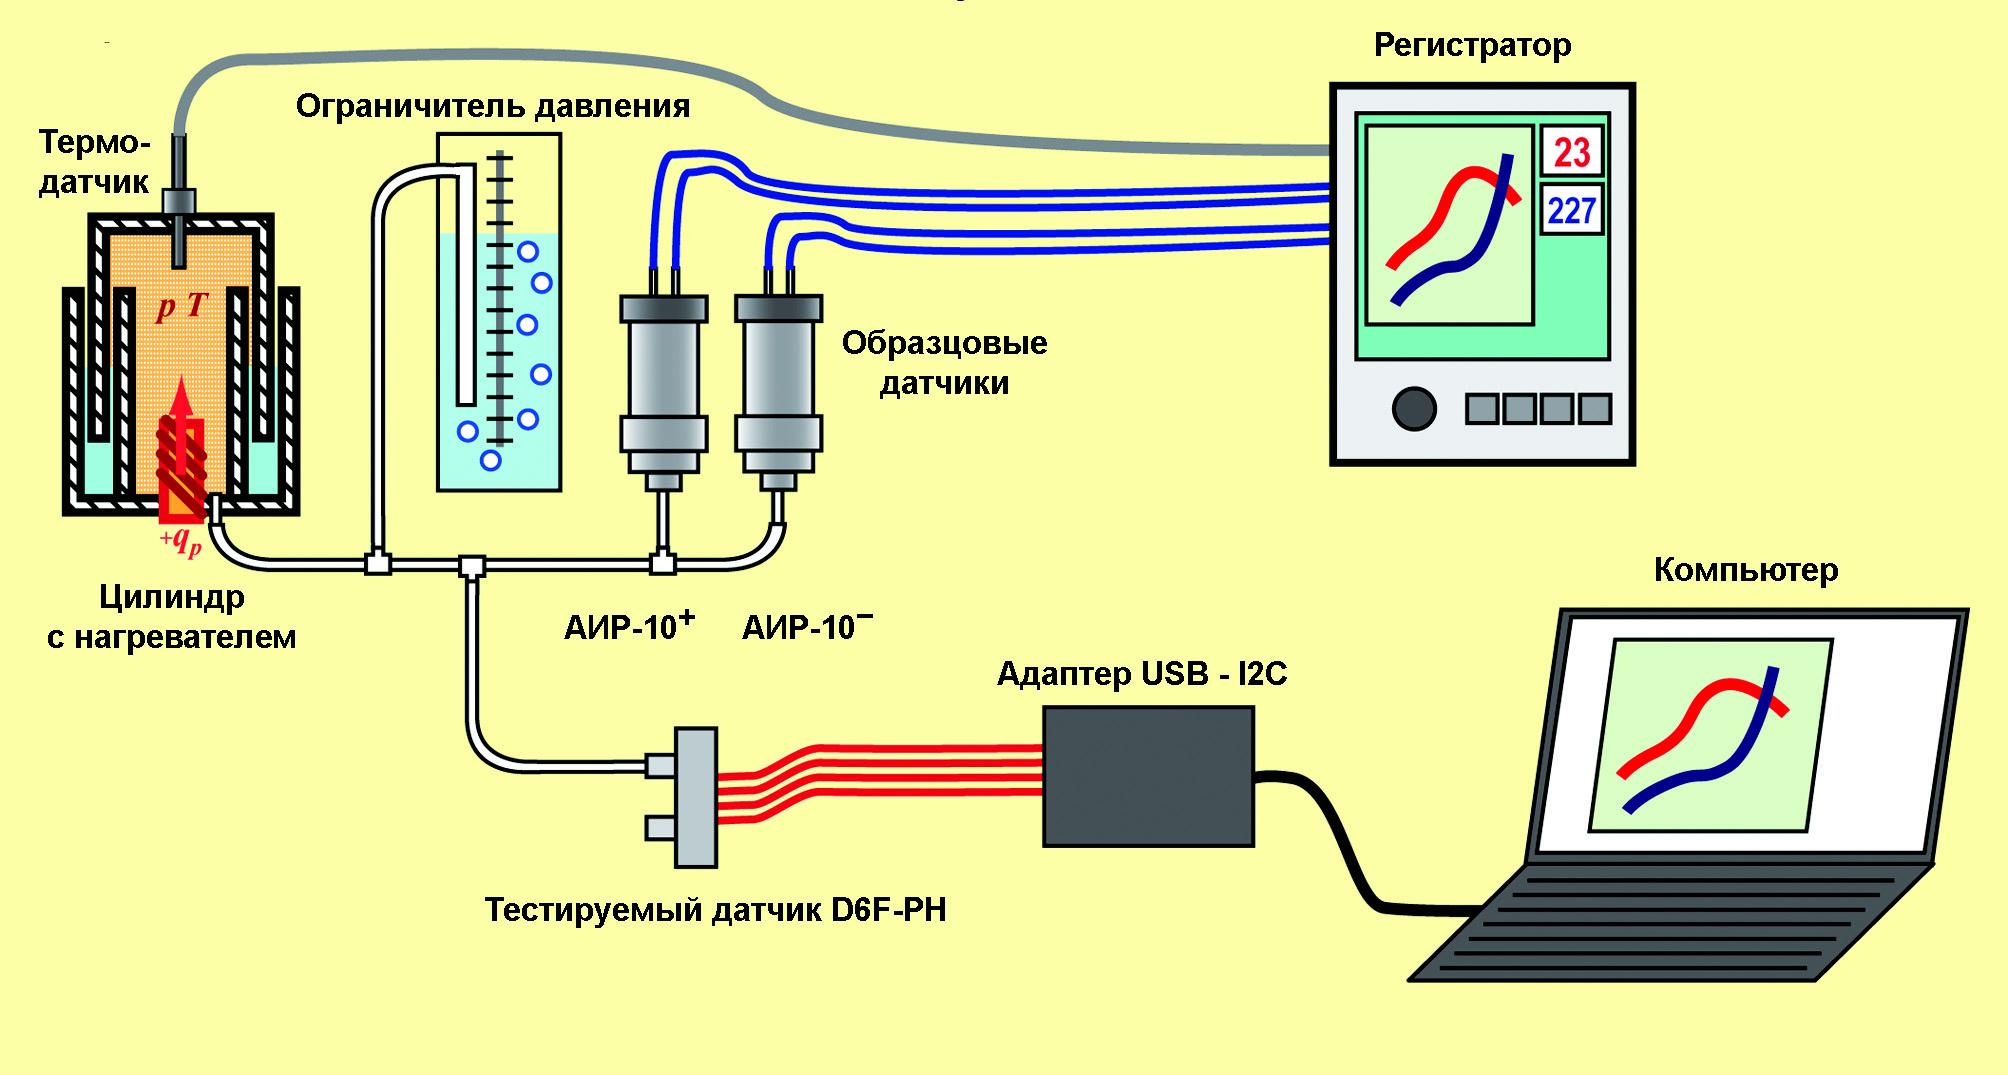 Рис. 9. Схема лабораторной установки при испытании датчика D6F–PH в условиях статического давления